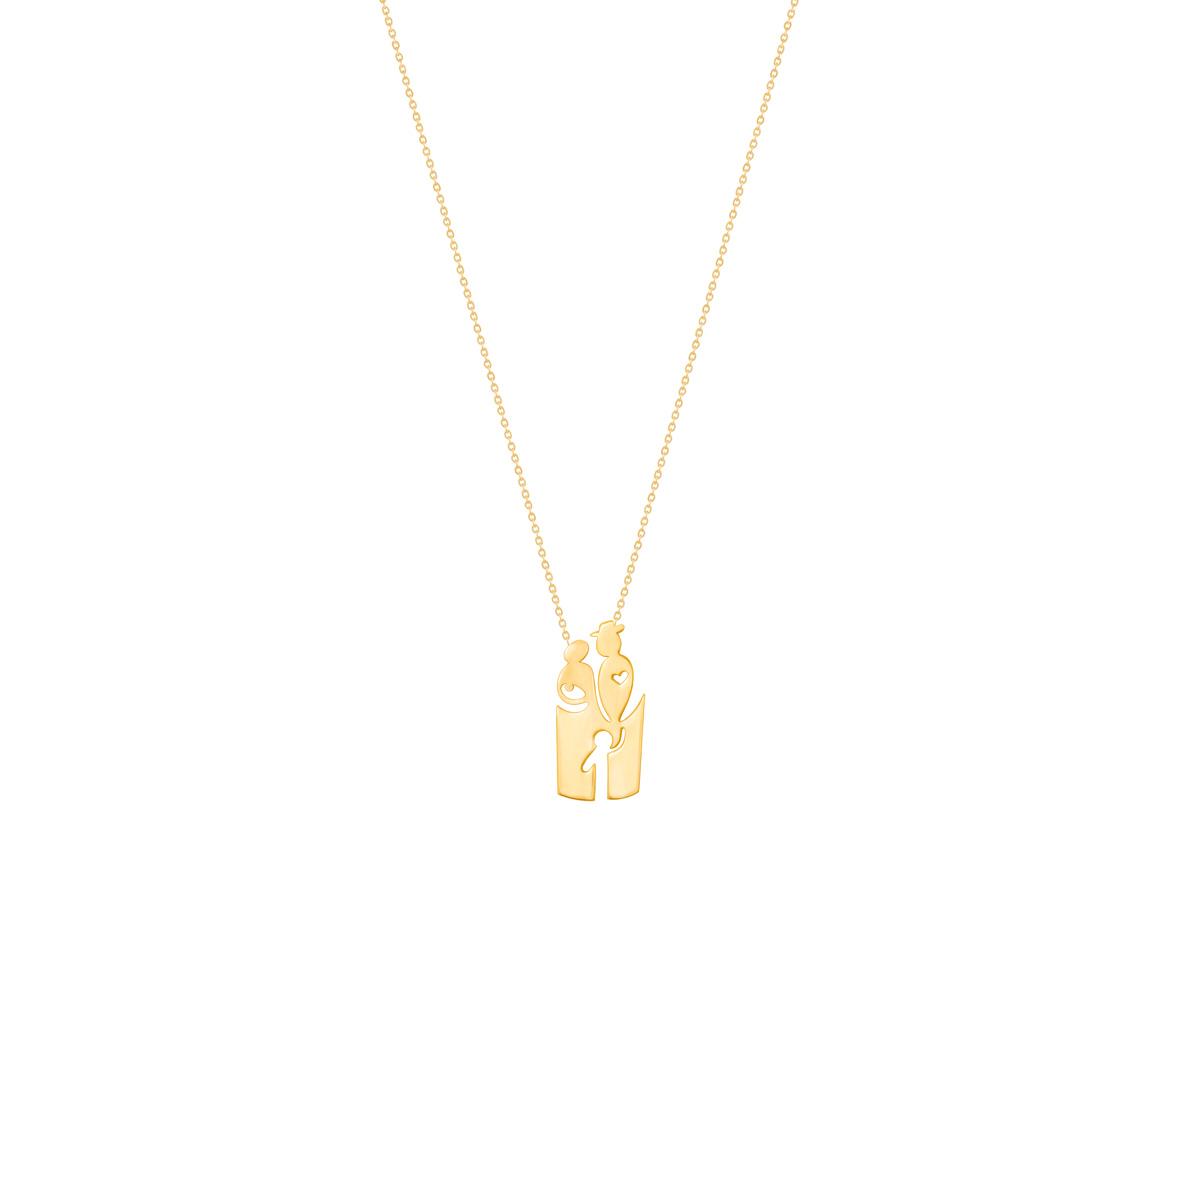 گردنبند طلا خانواده|parasteh